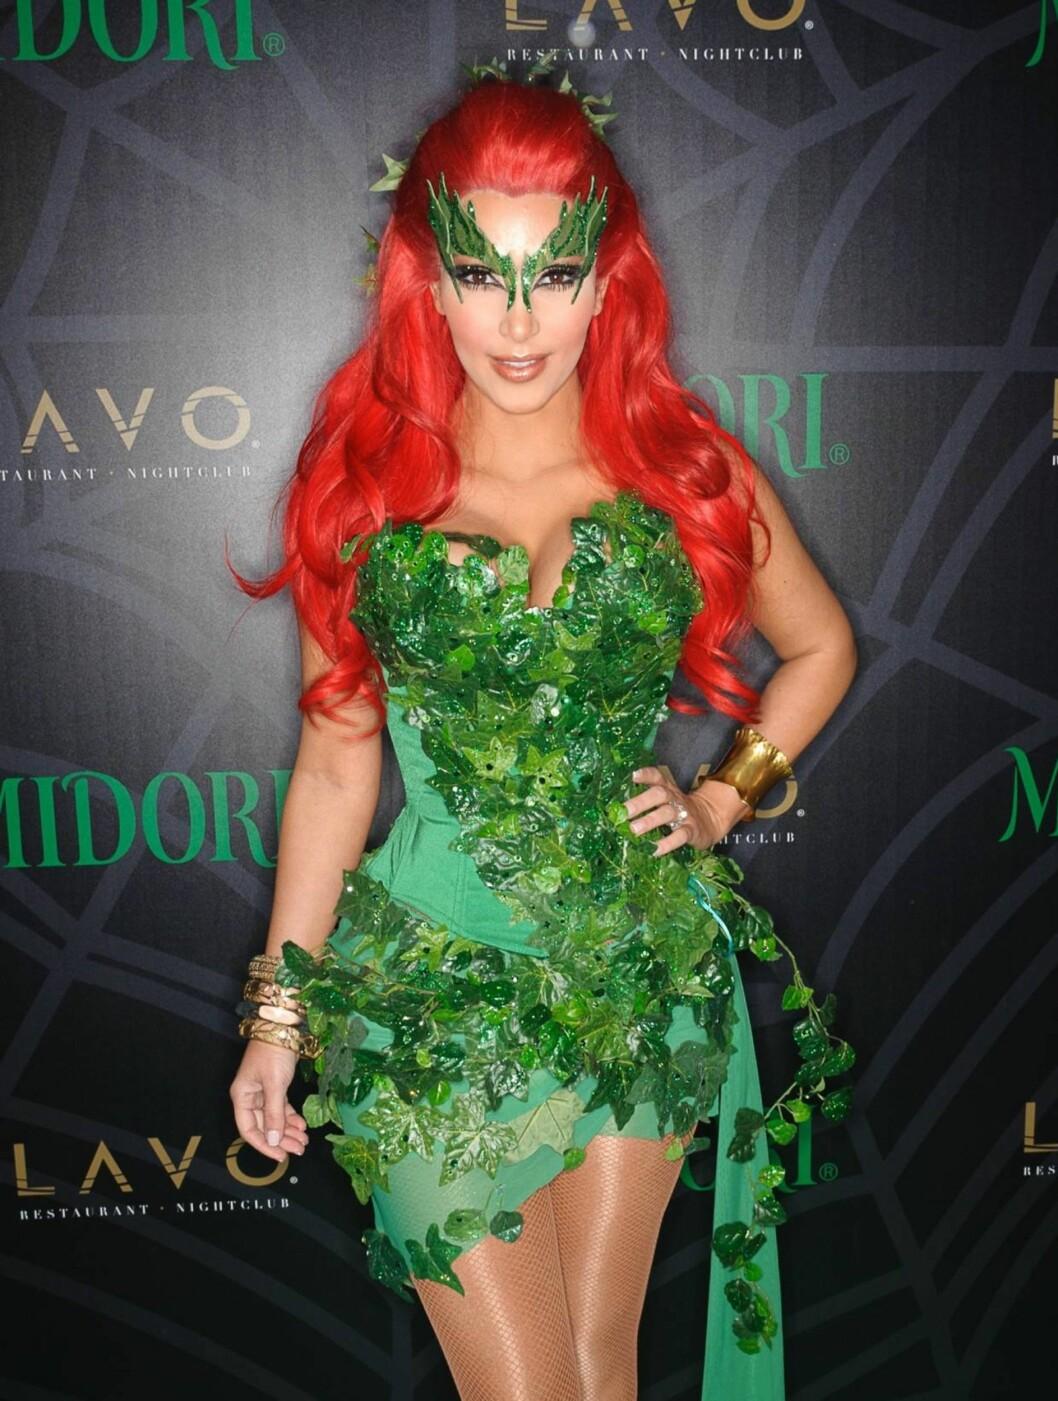 TEGNESERIEFIGUR: Kim Kardashian hadde kledd seg ut som tegneseriefiguren Poison Ivy på halloweenfest i New York. Foto: All Over Press